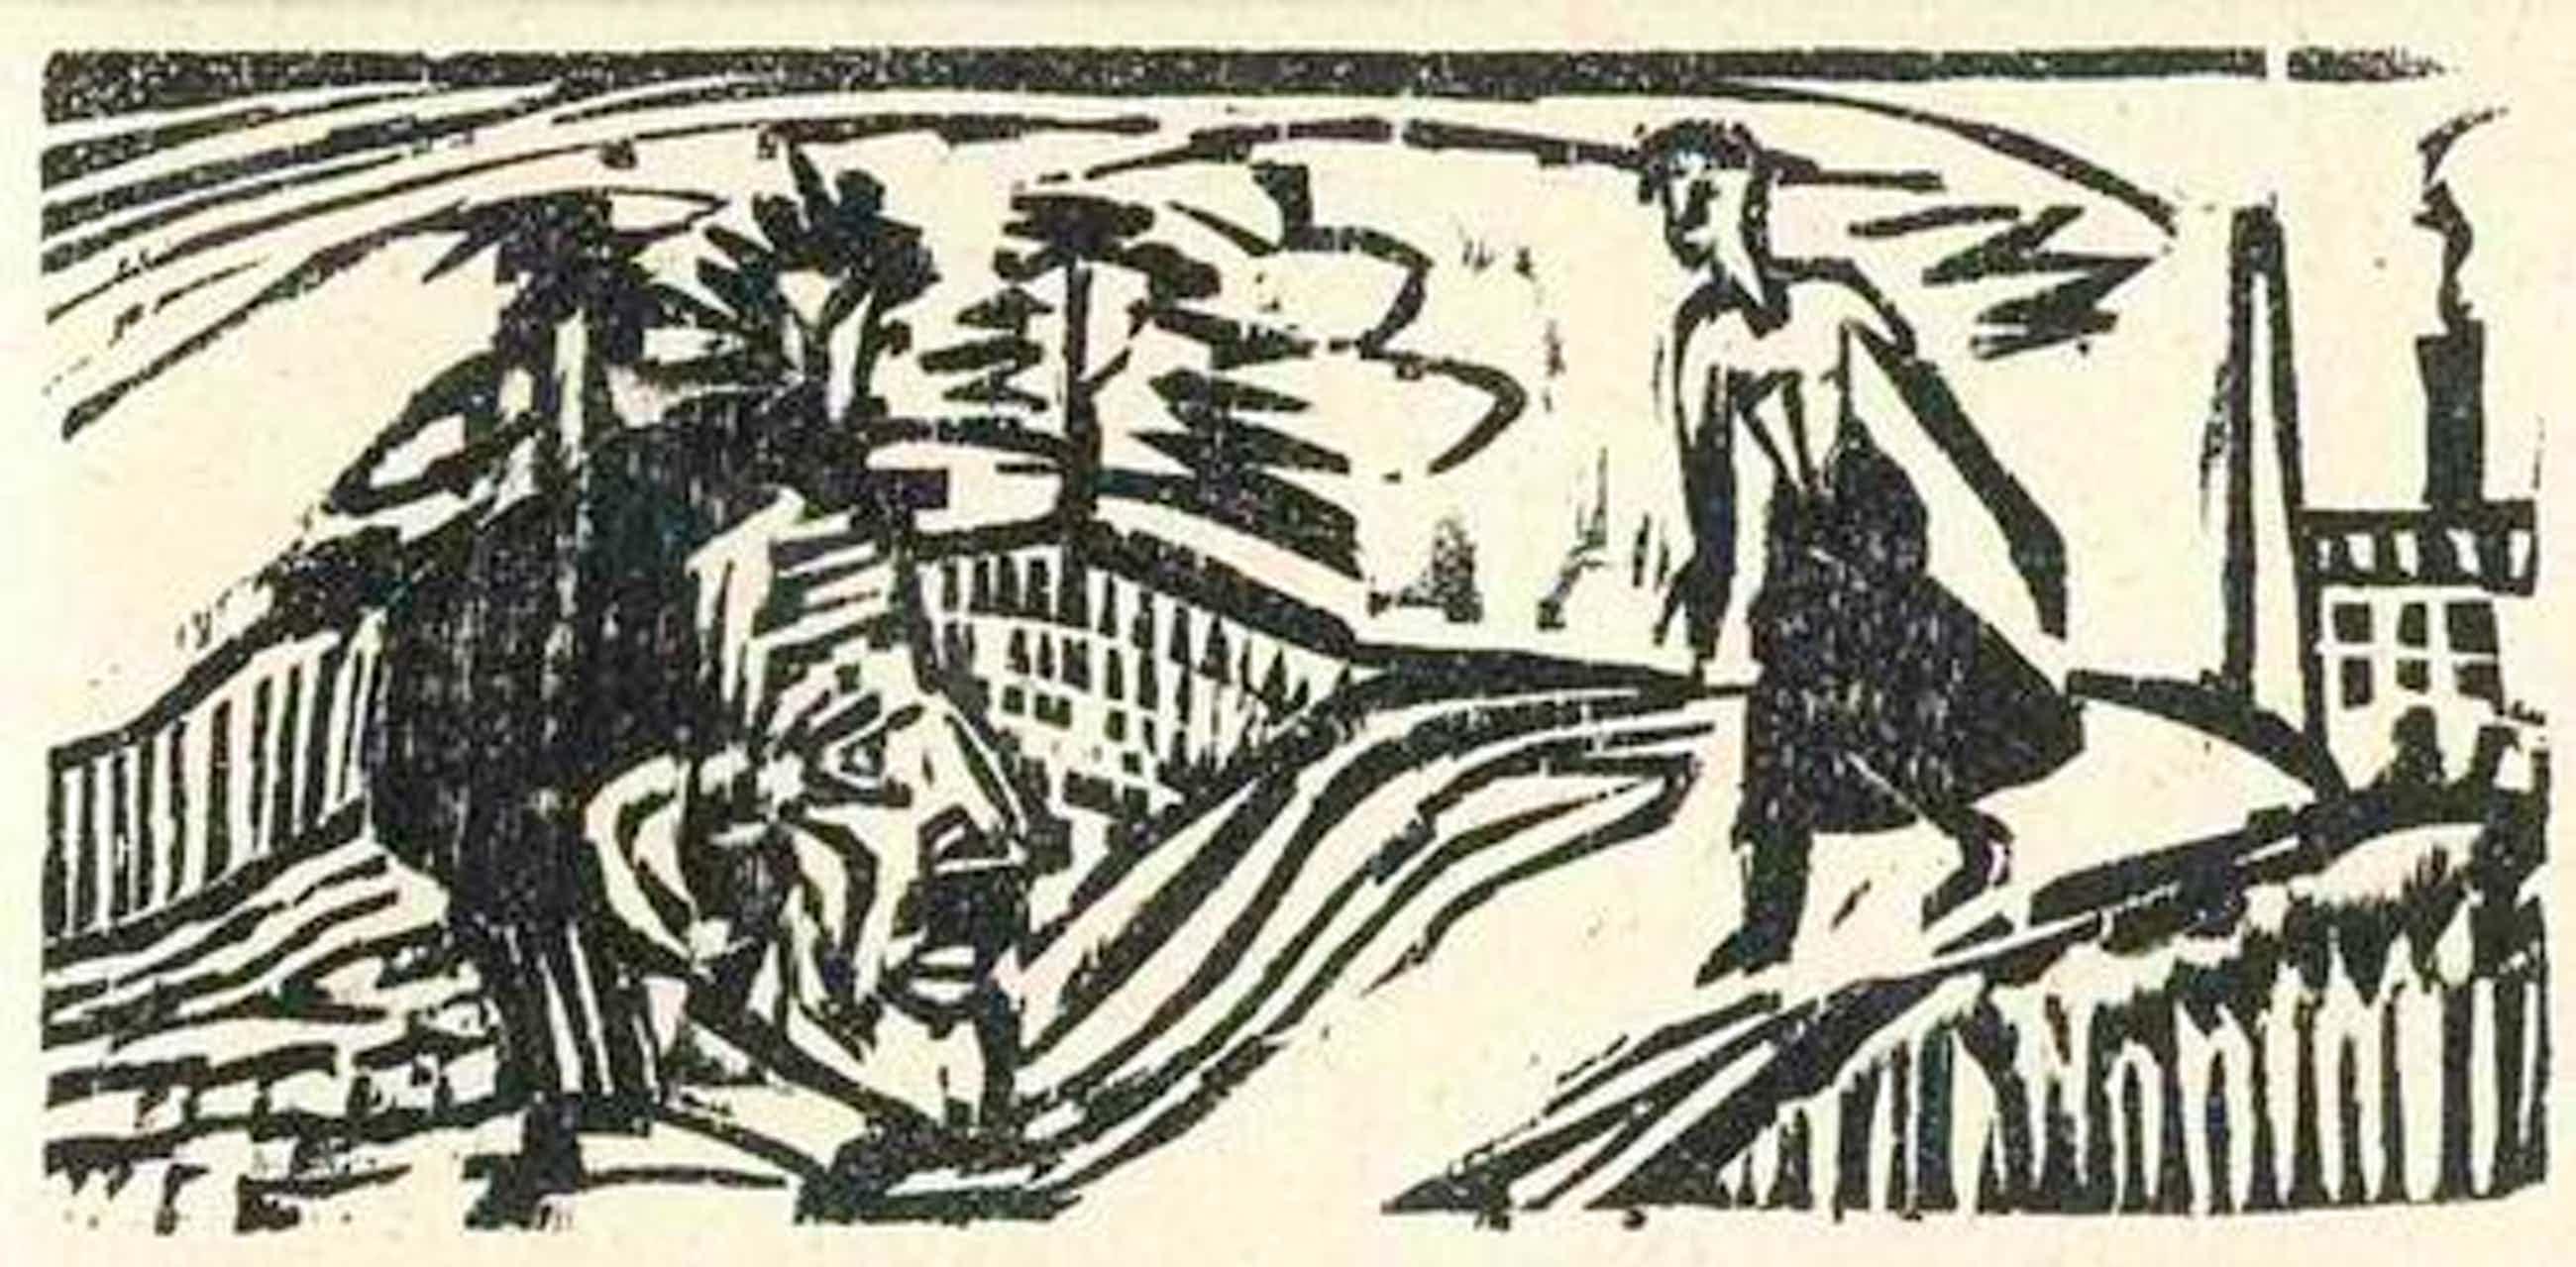 Ernst Ludwig Kirchner - Der FESTBAUER - 1922 - OriginalHolzschnitt des Expressionistischen BRÜCKE-GRÜNDERS aus ASCHAFFENBURG kopen? Bied vanaf 40!